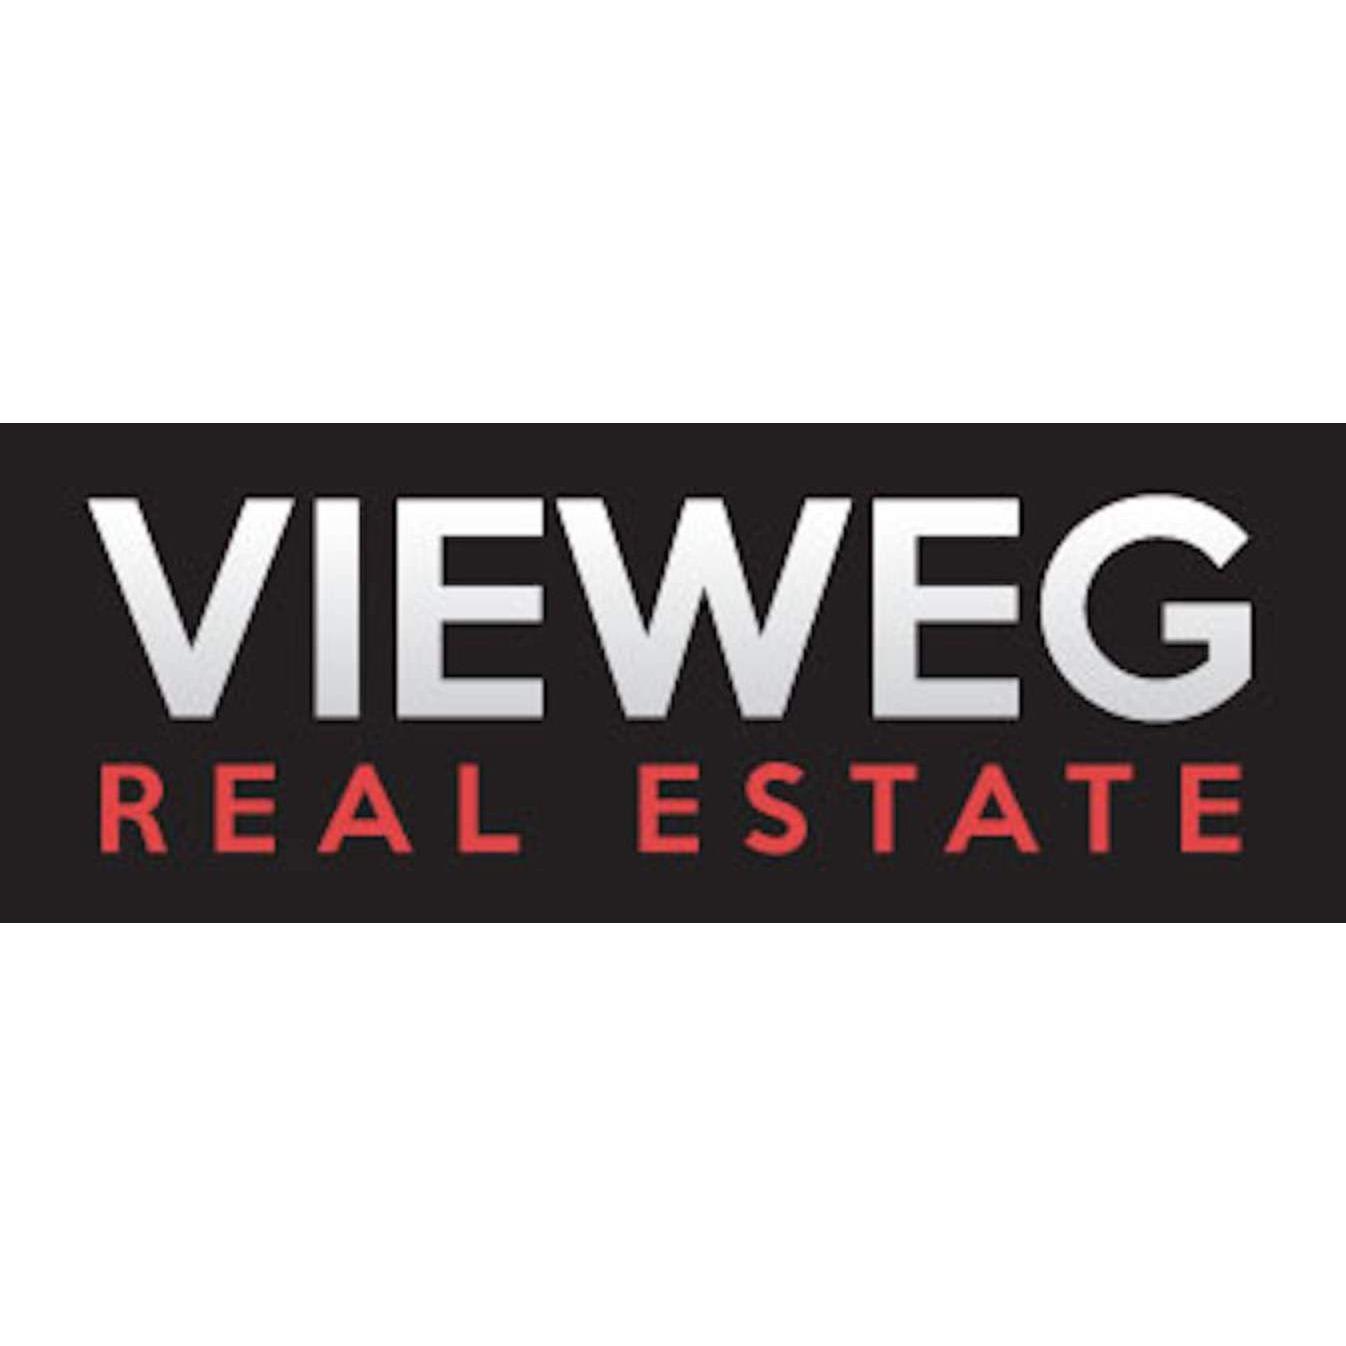 Vieweg Real Estate